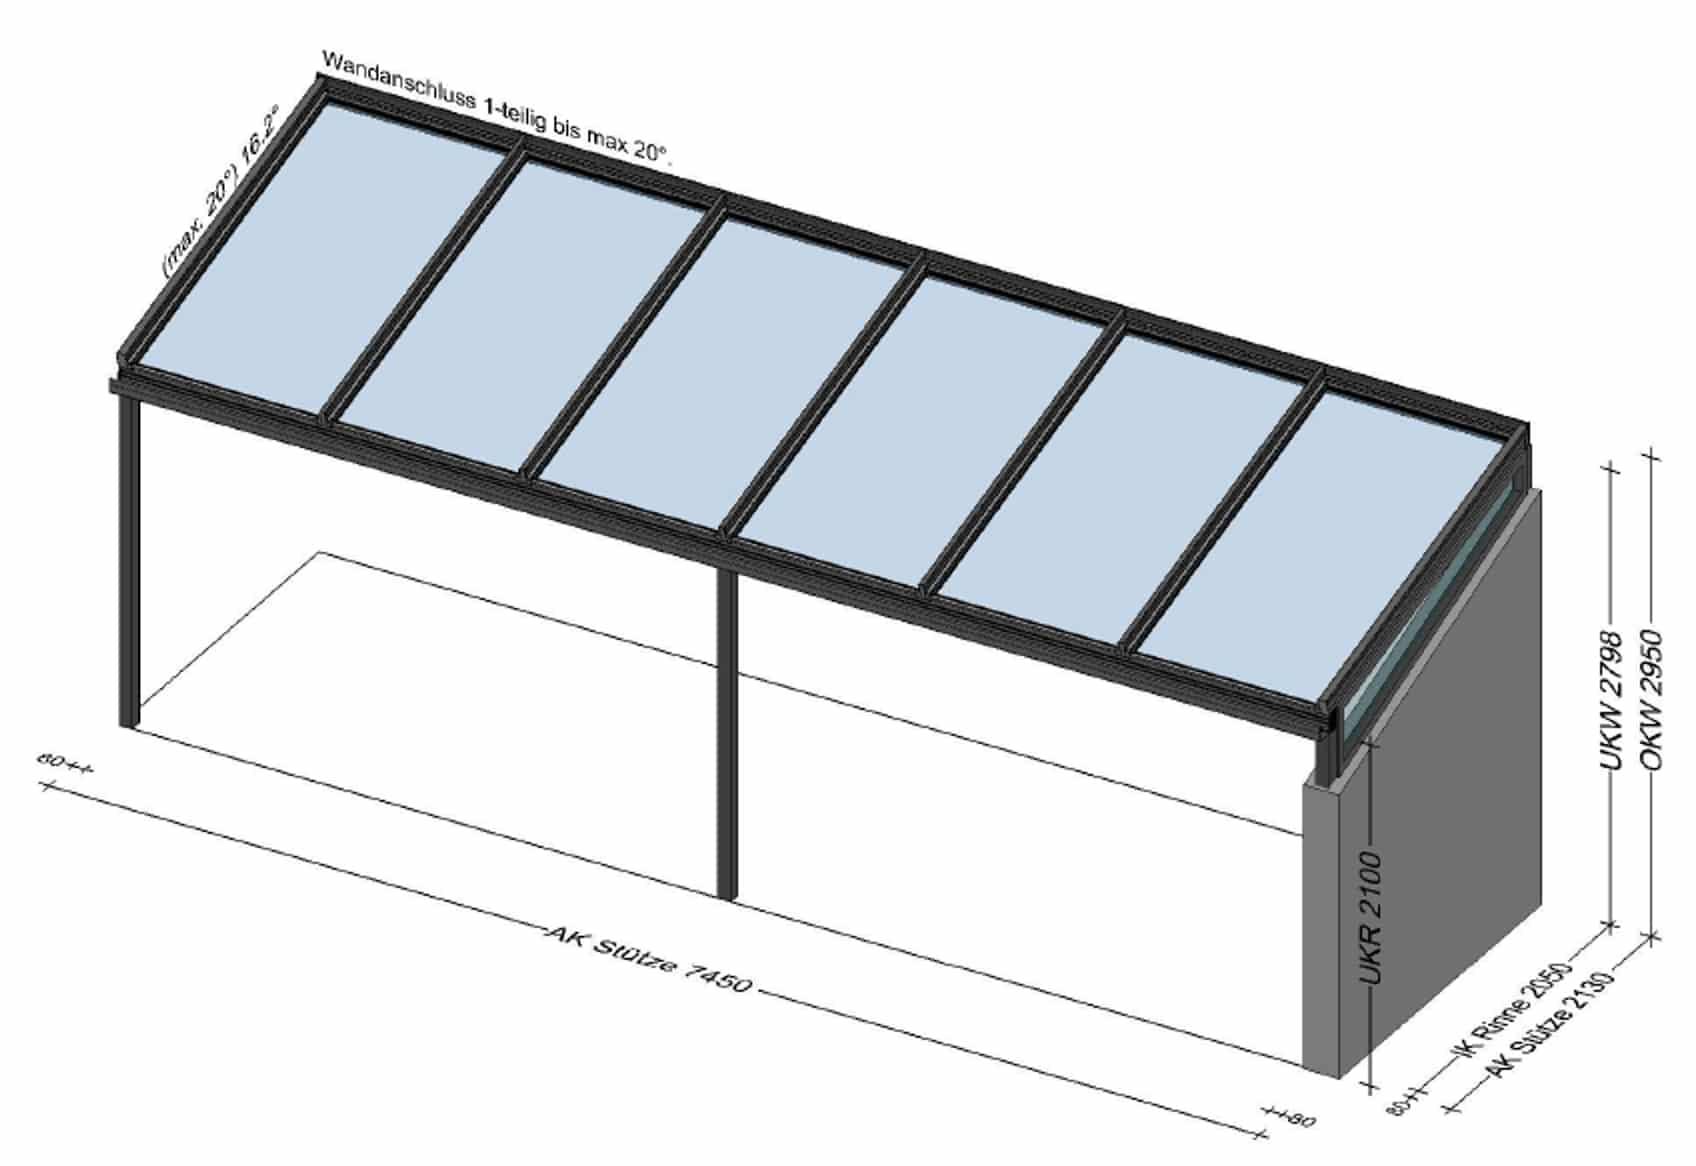 Terrassenüberdachung über 7 Meter - Planung BV Weigetschlag